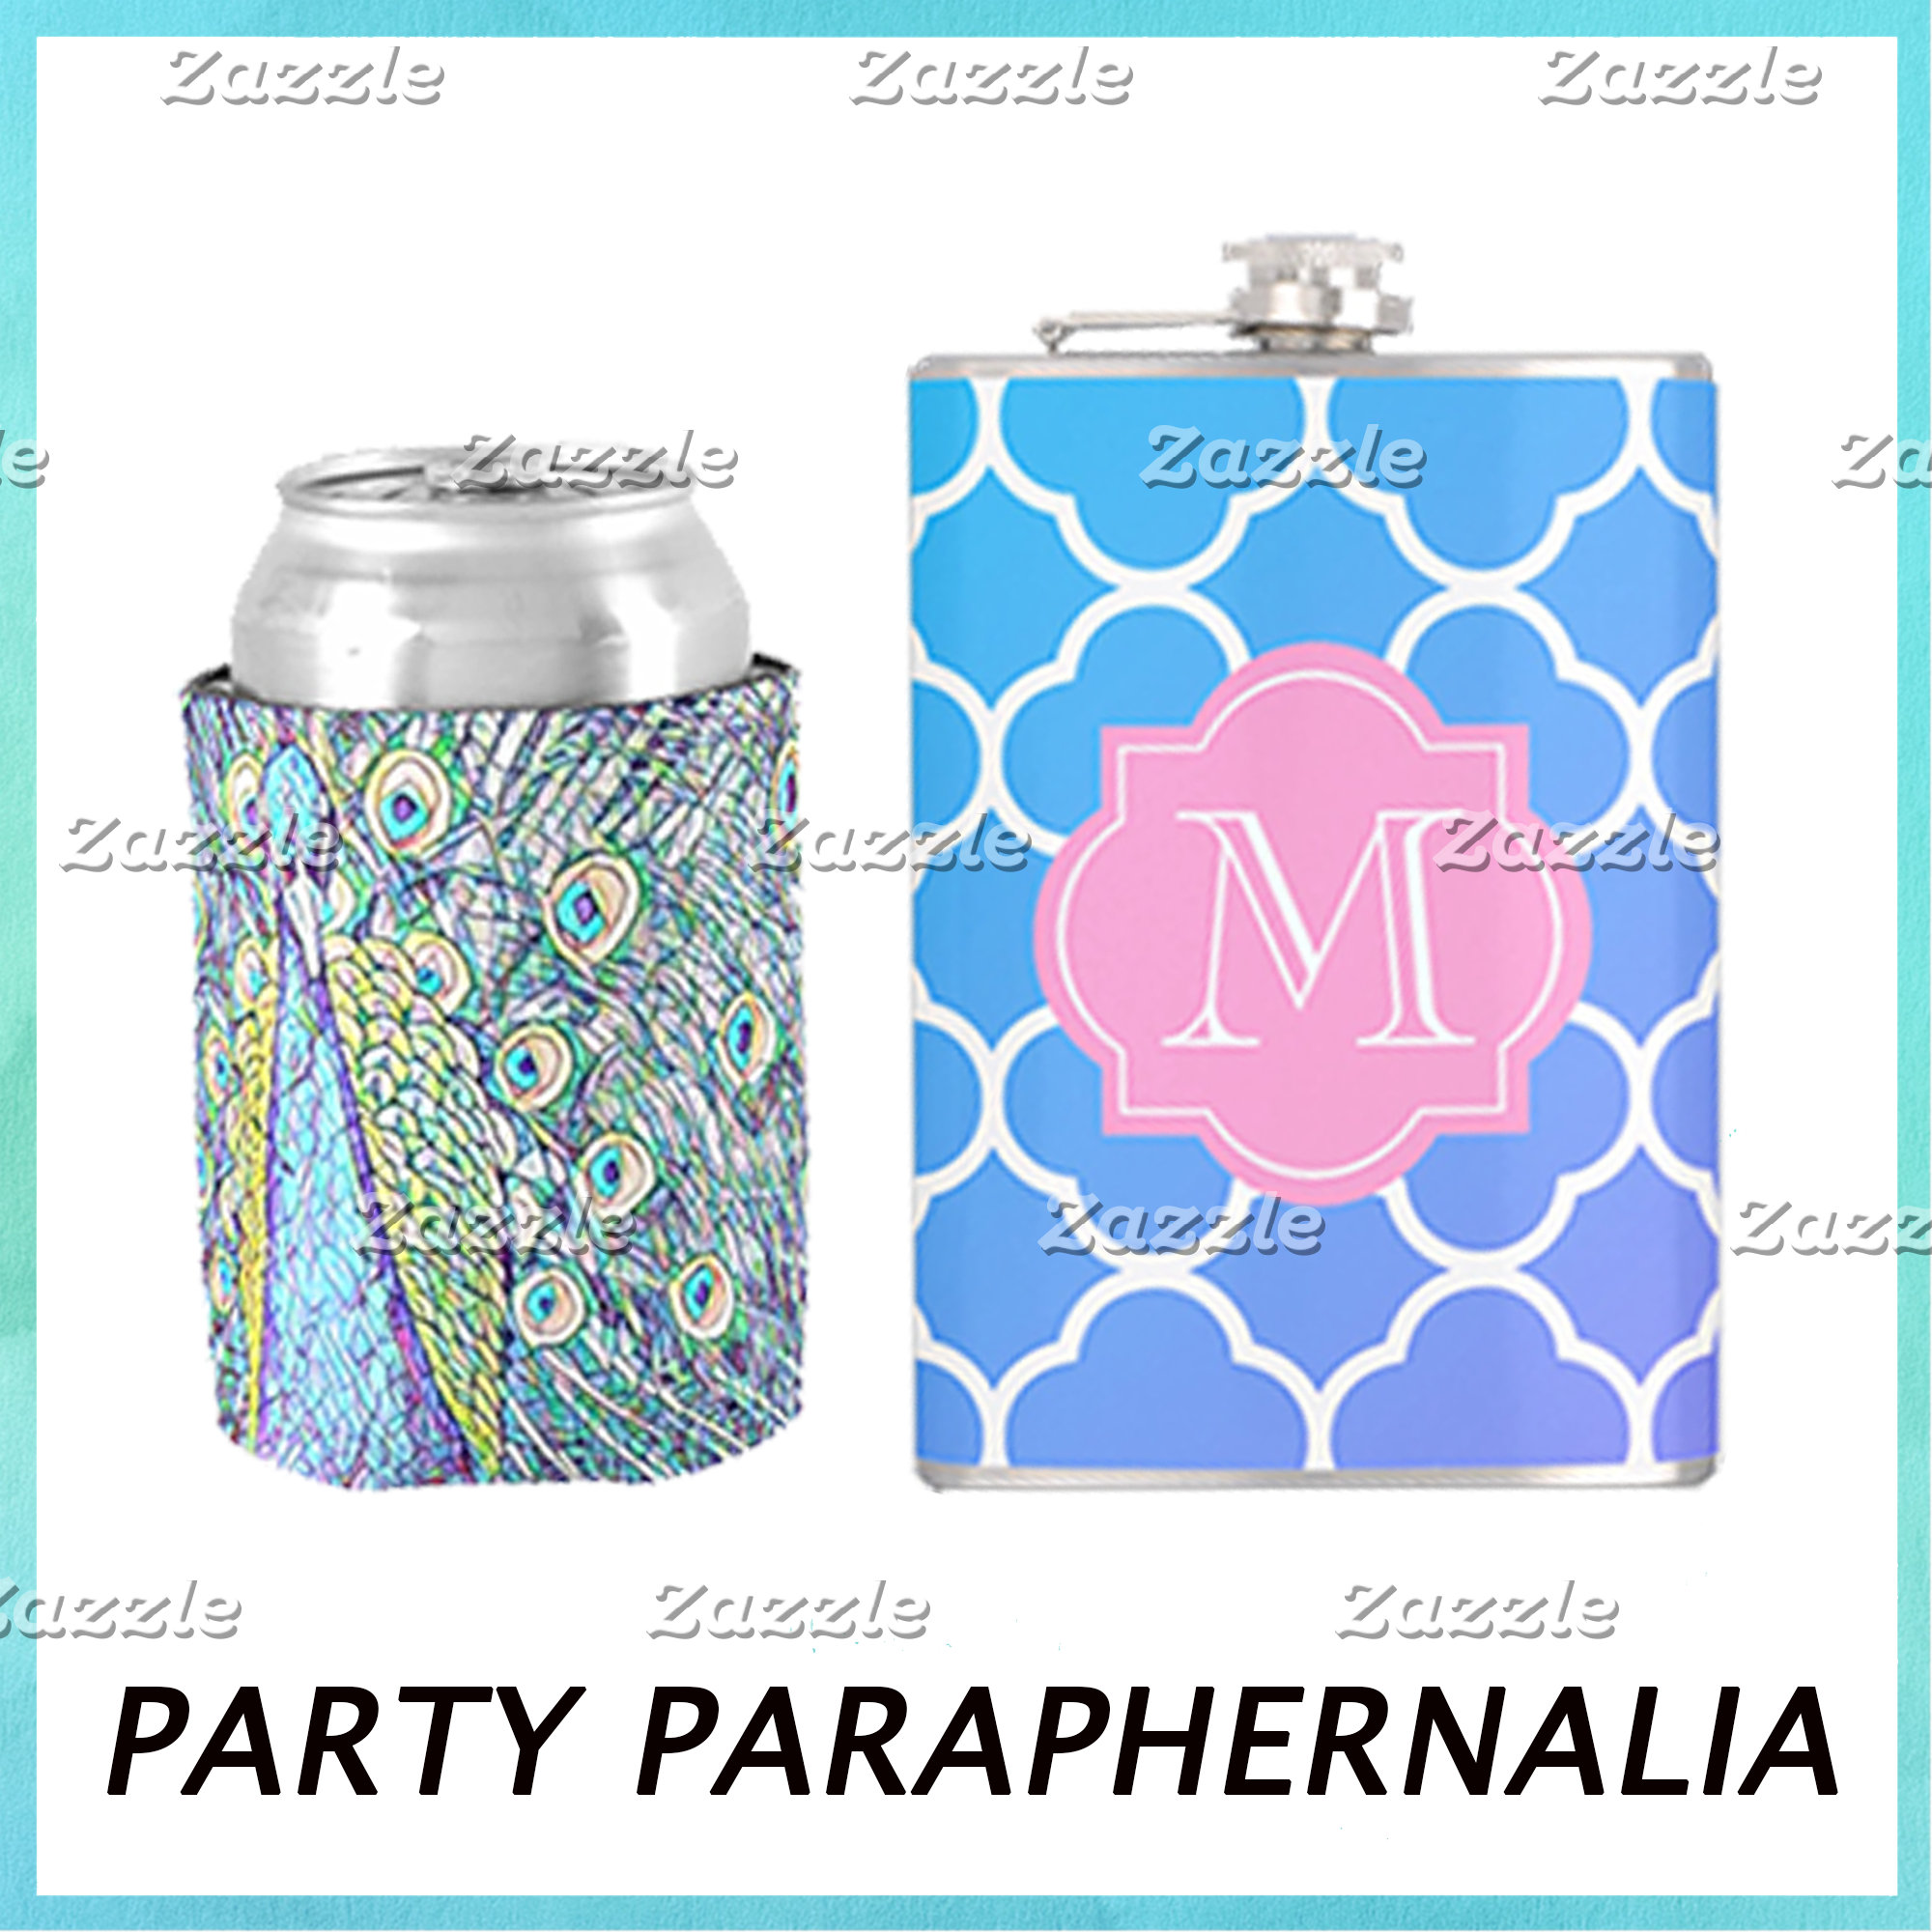 Party Paraphernalia